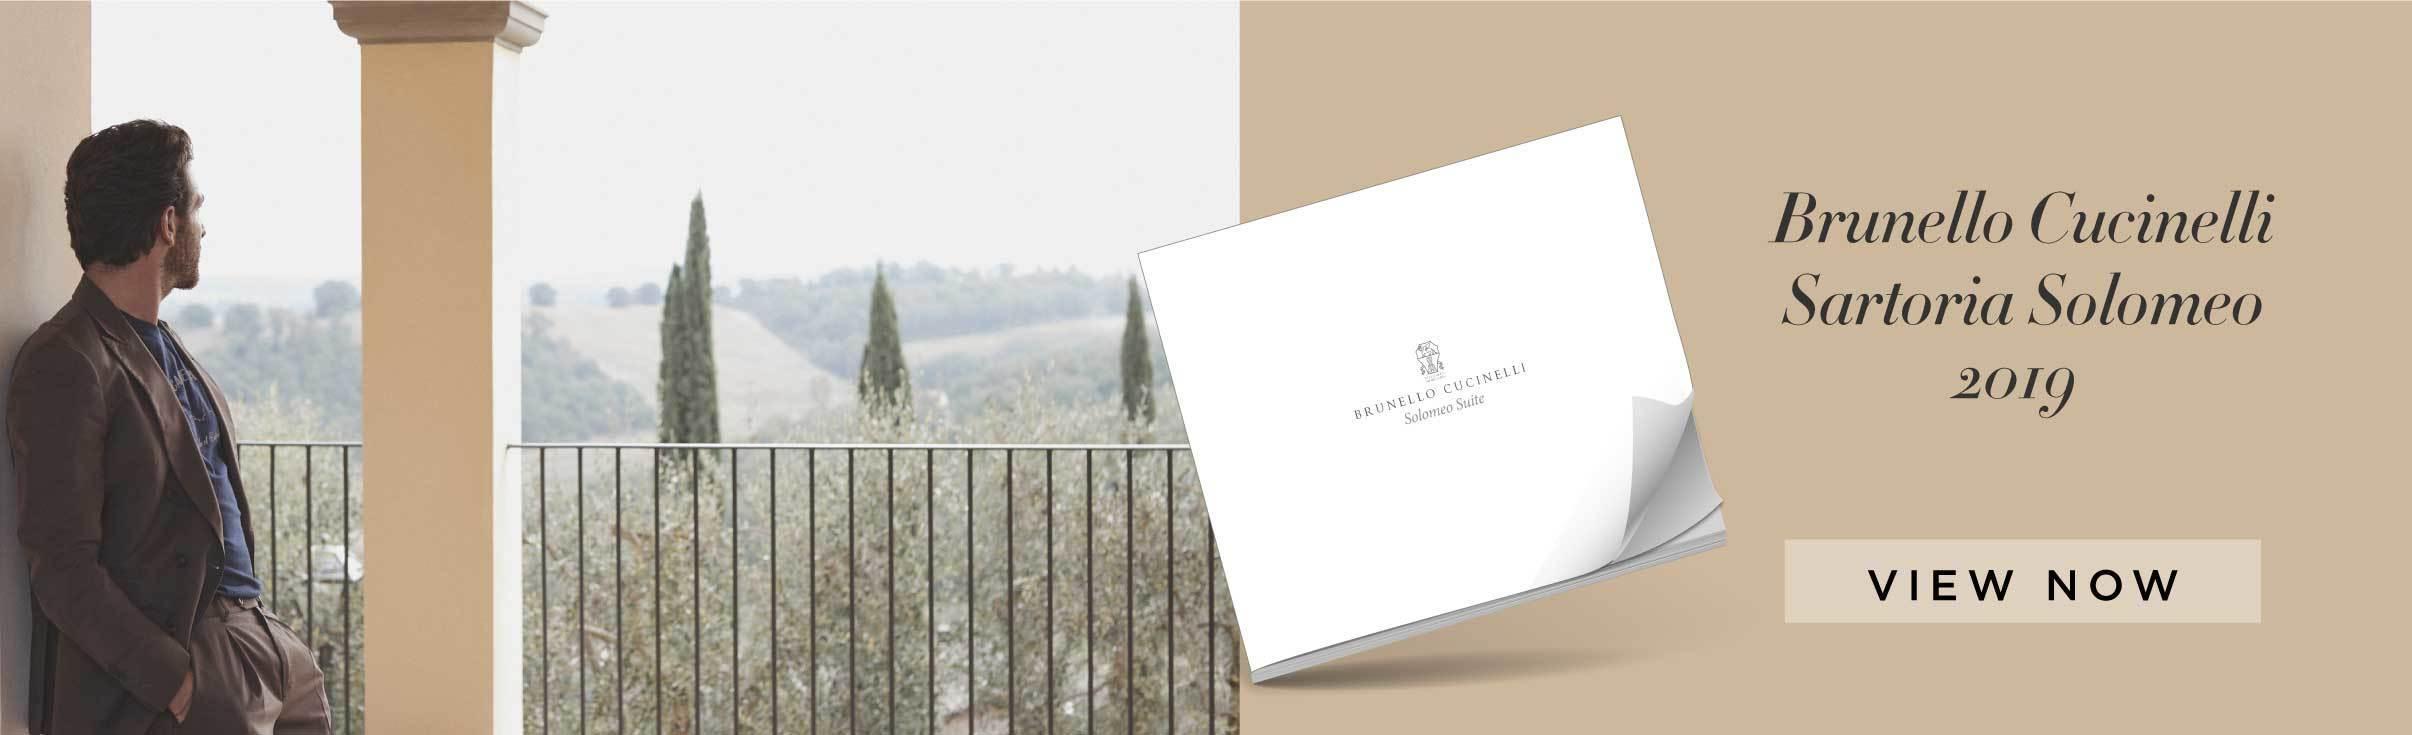 Brunello Cucinelli's Satoria Solomeo Look Book